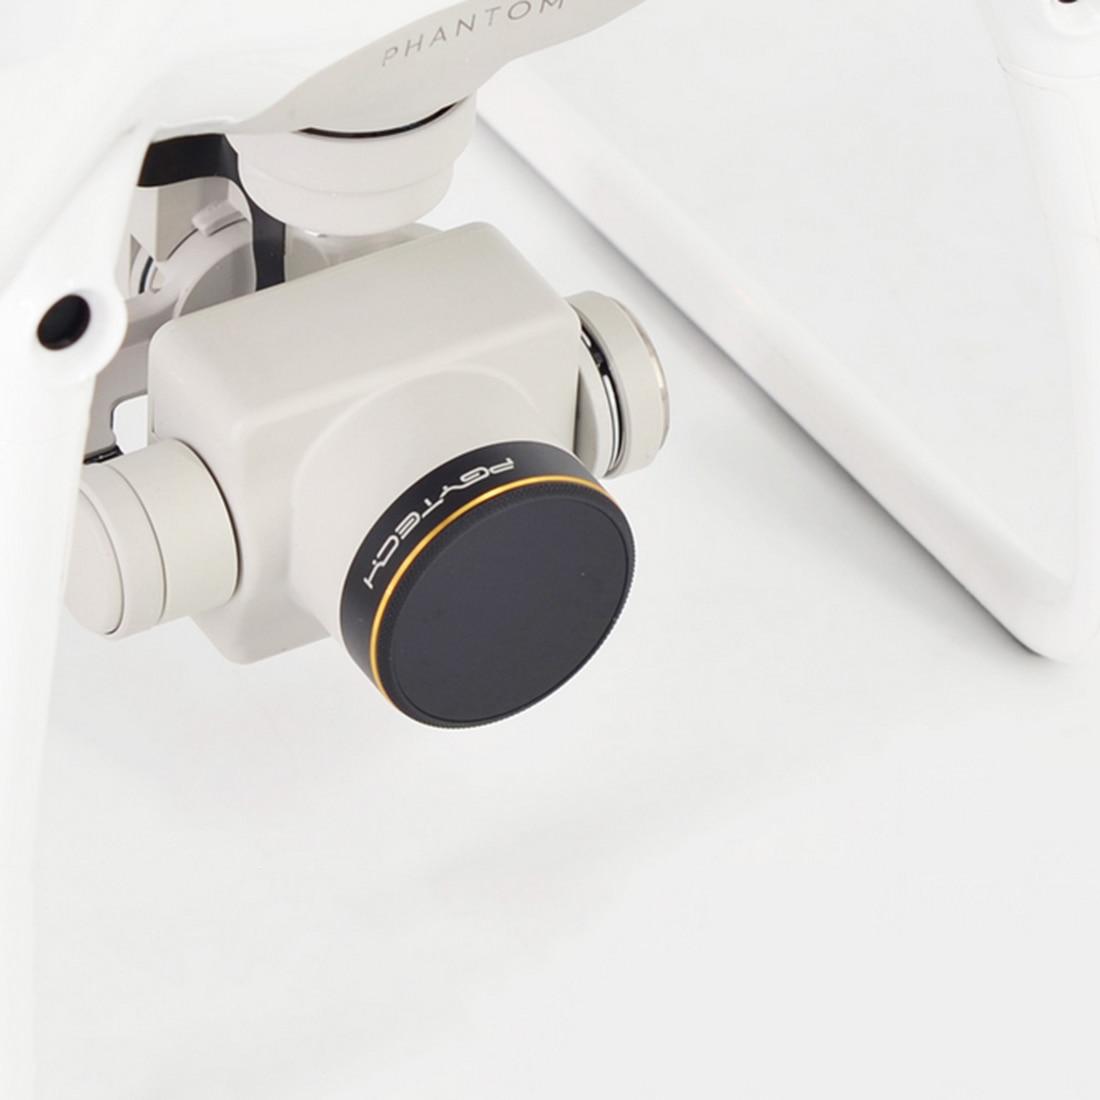 Фильтр nd8 mavic air combo на ebay зарядное устройство для автомобиля для dji спарк